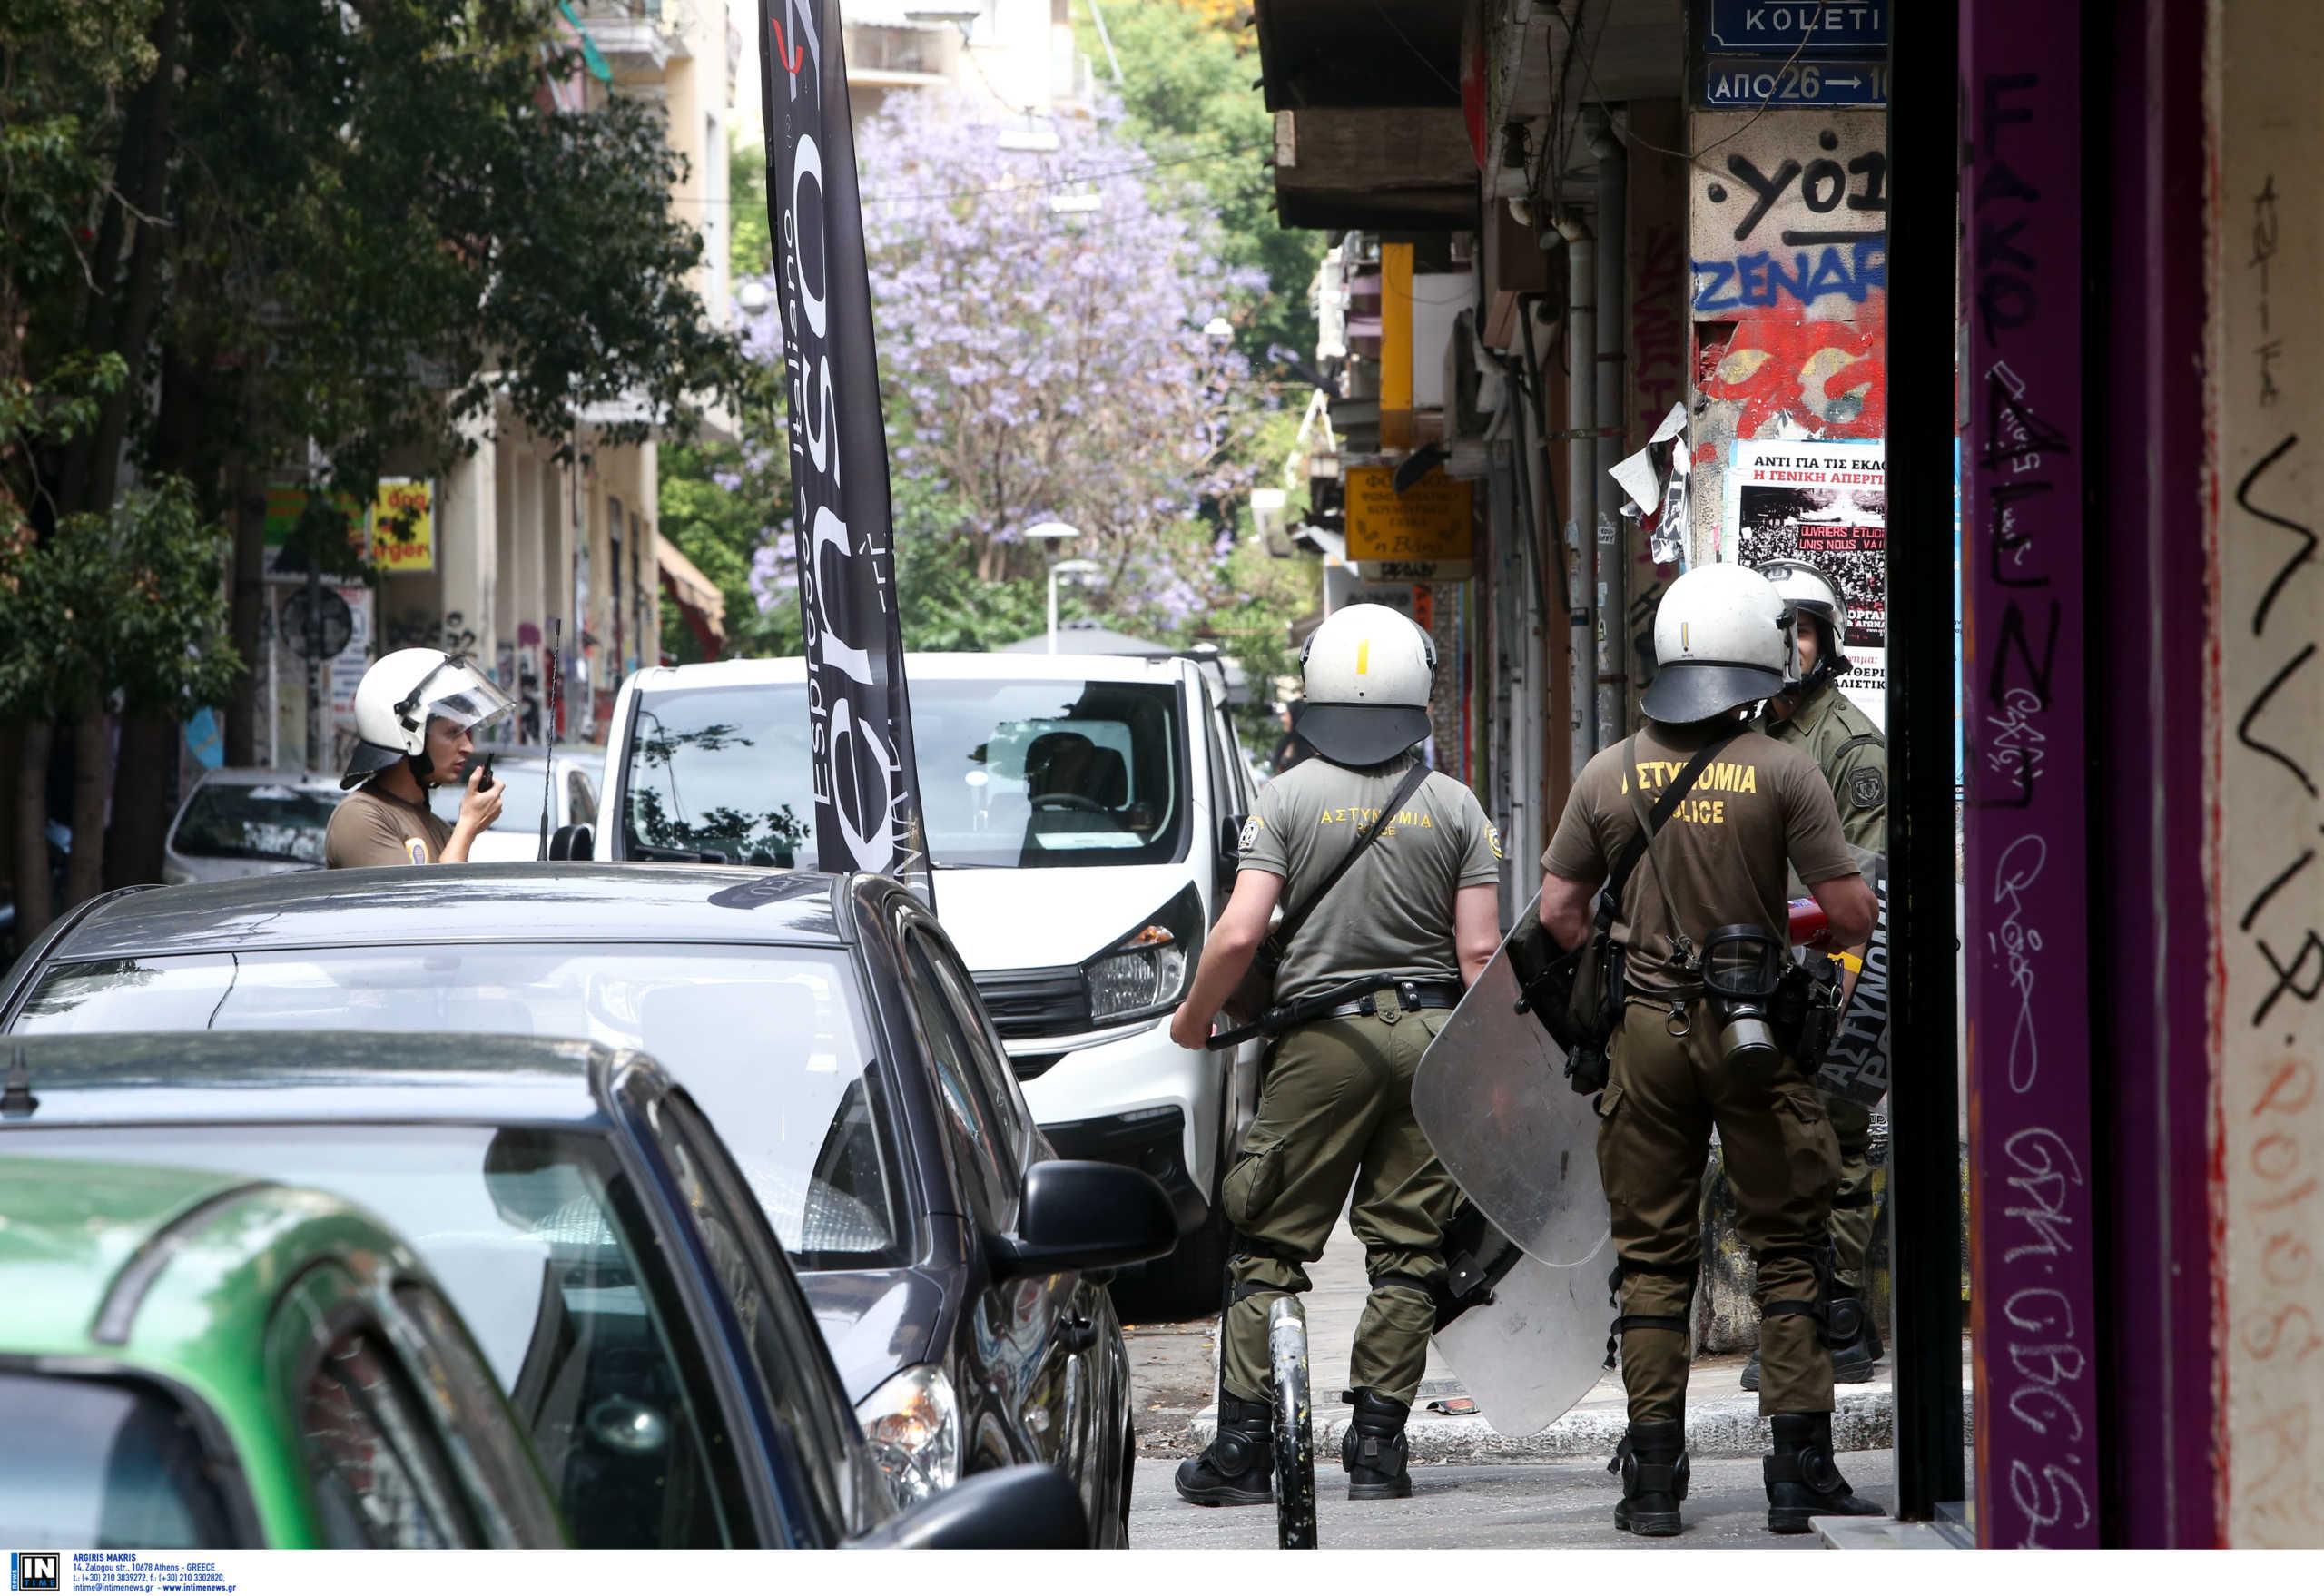 Καταγγελίες για τραυματισμό 5χρονου από αστυνομικούς στο Γαλάτσι